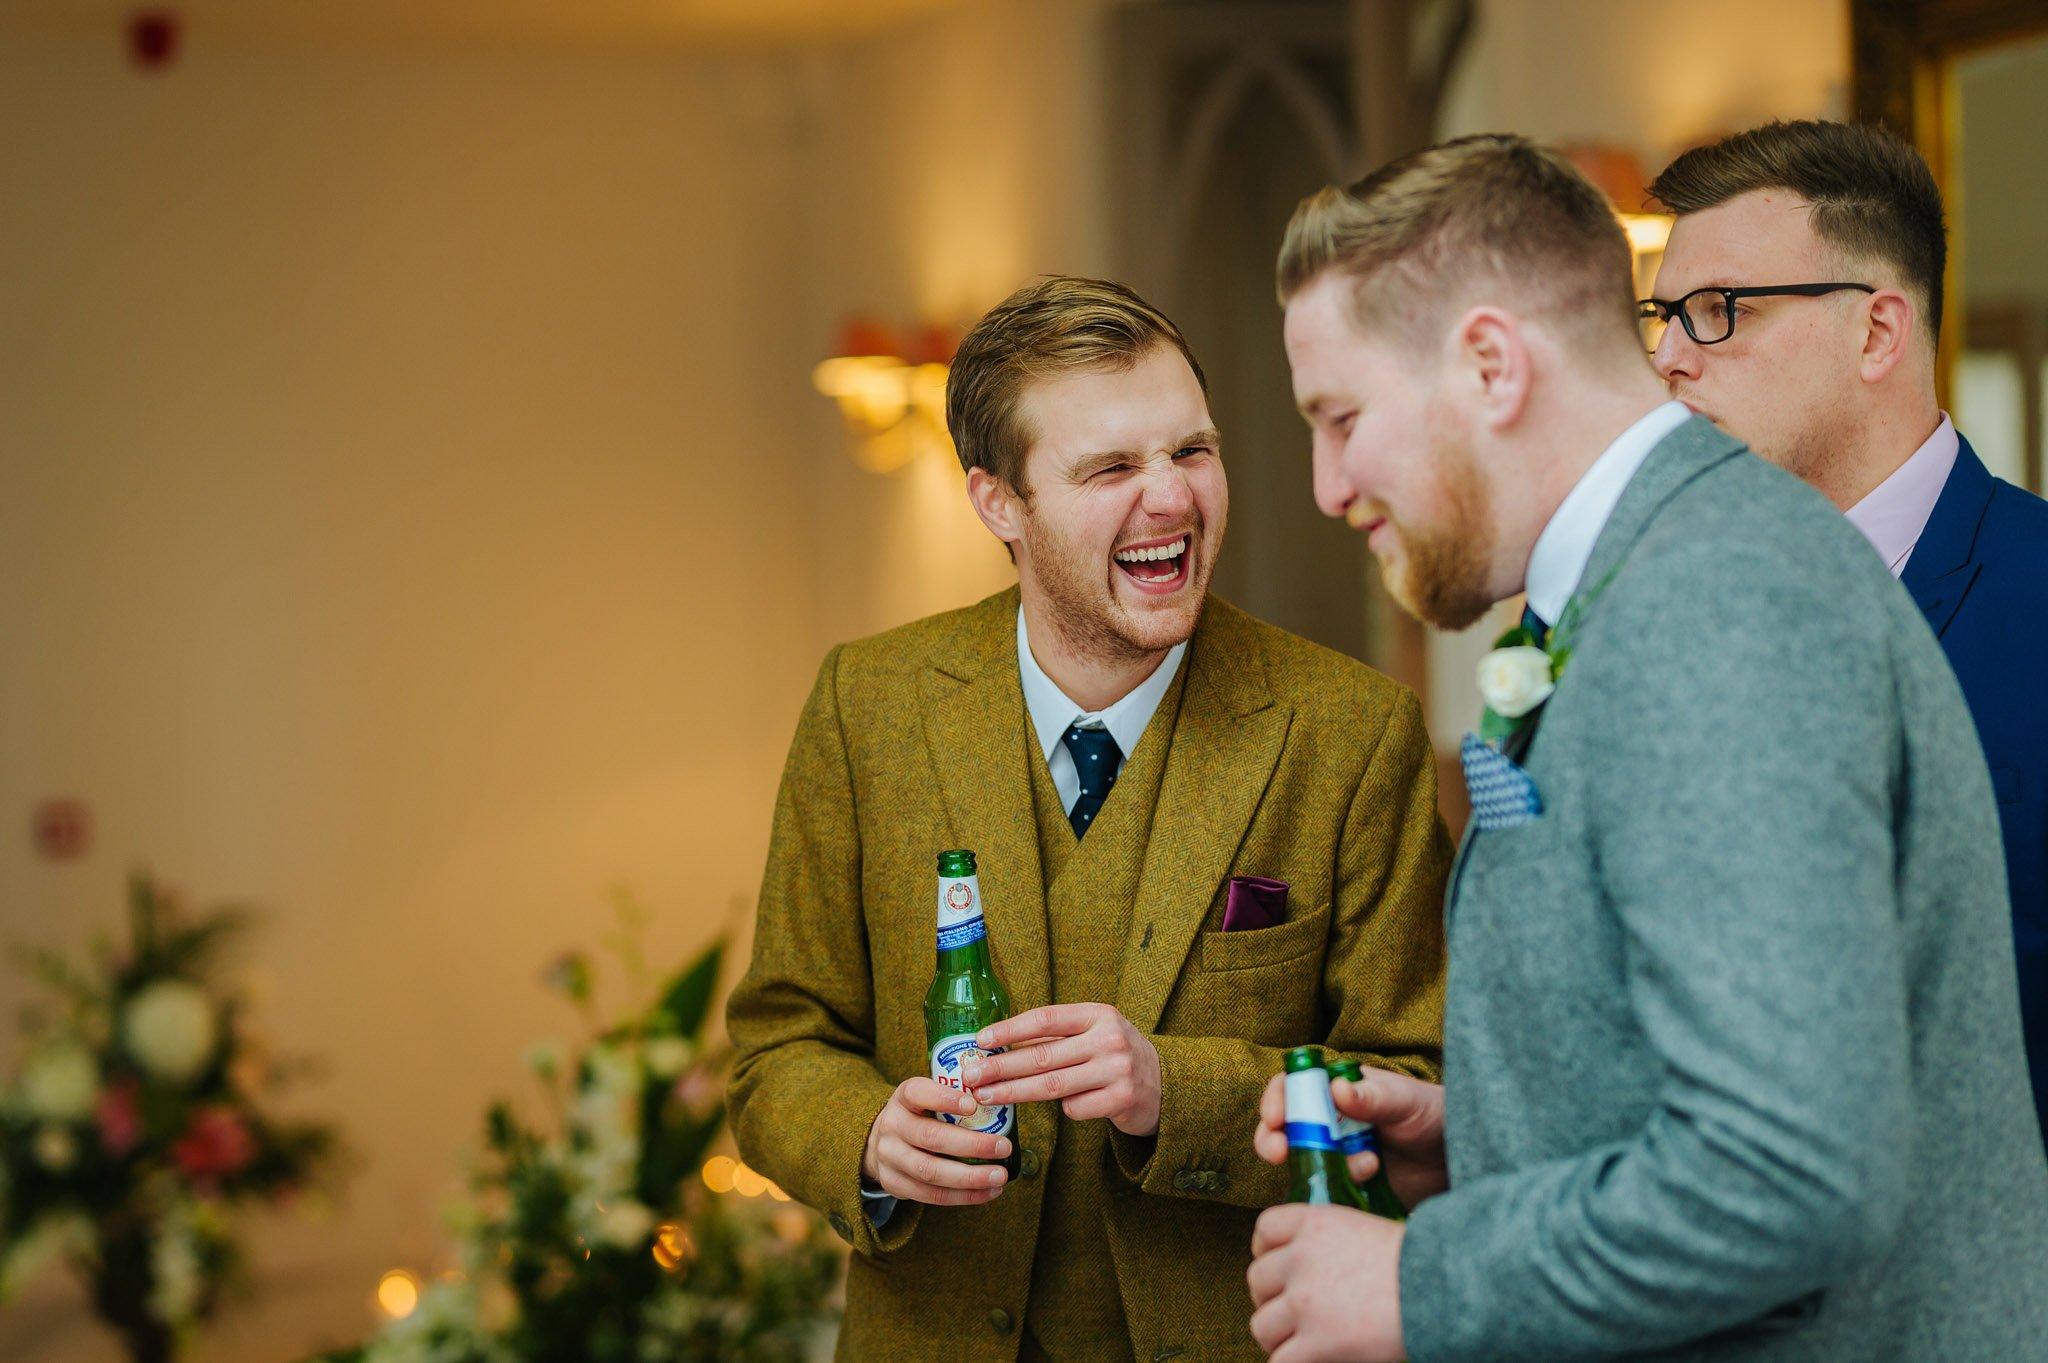 Lemore Manor wedding, Herefordshire - West Midlands | Sadie + Ken 83